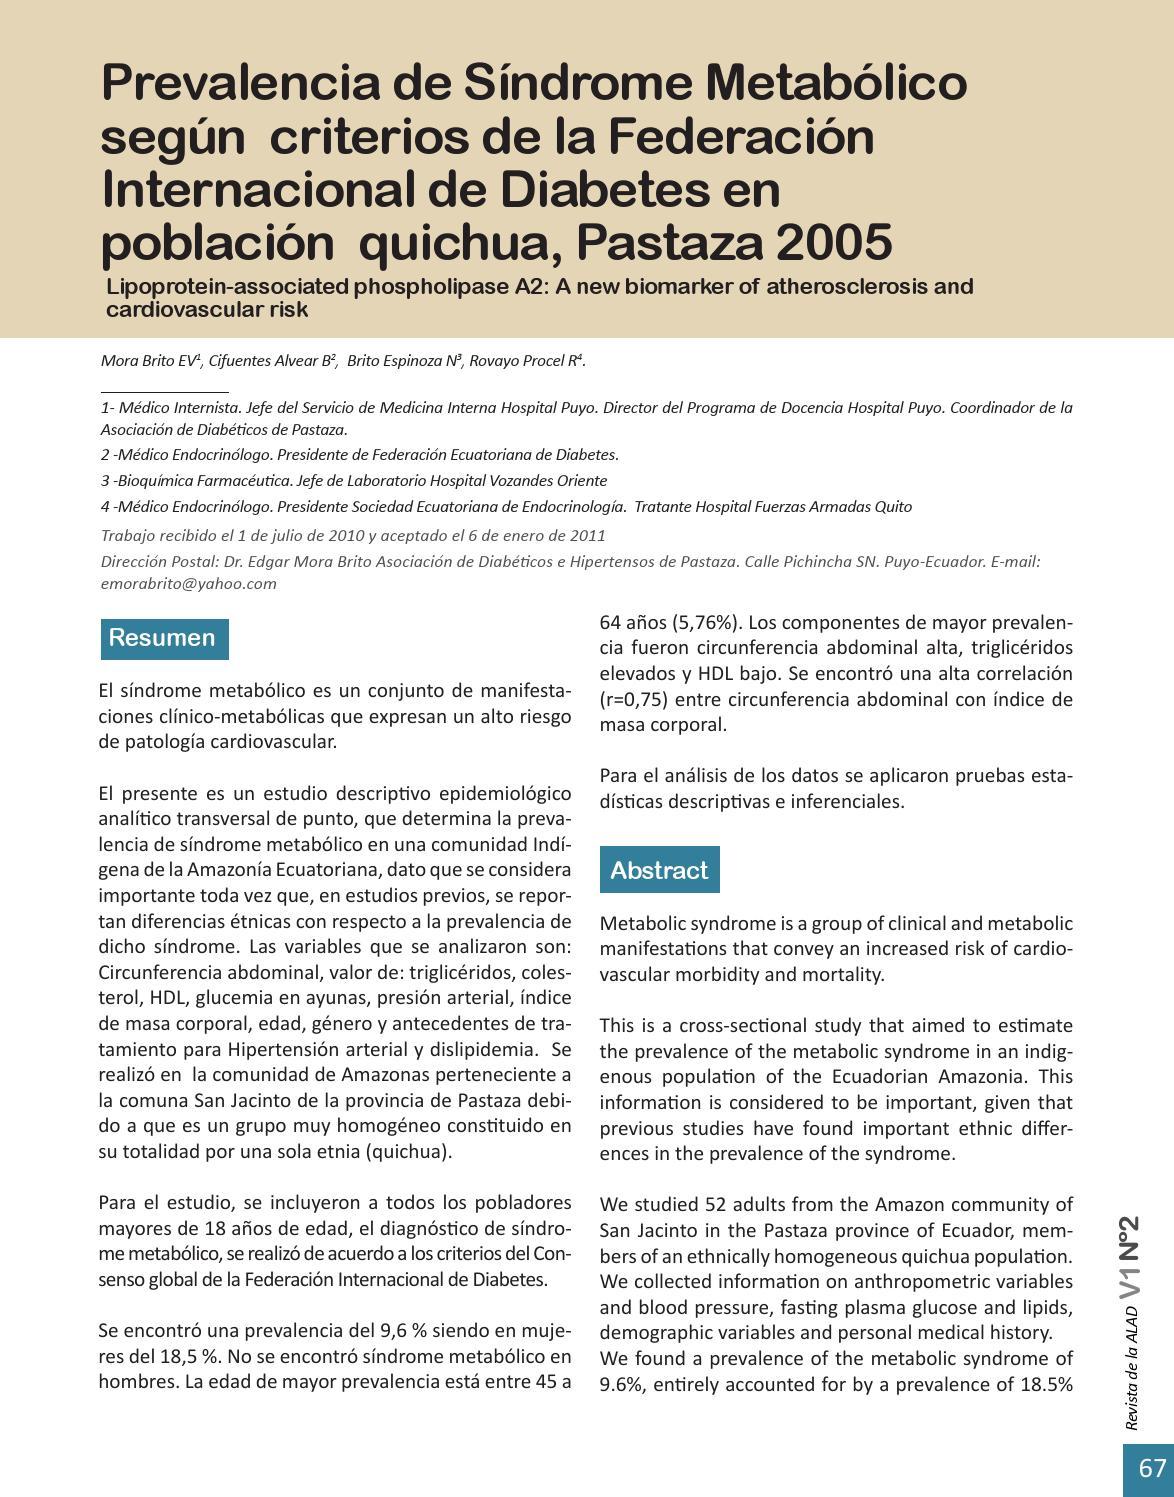 federación internacional del síndrome metabólico de la diabetes